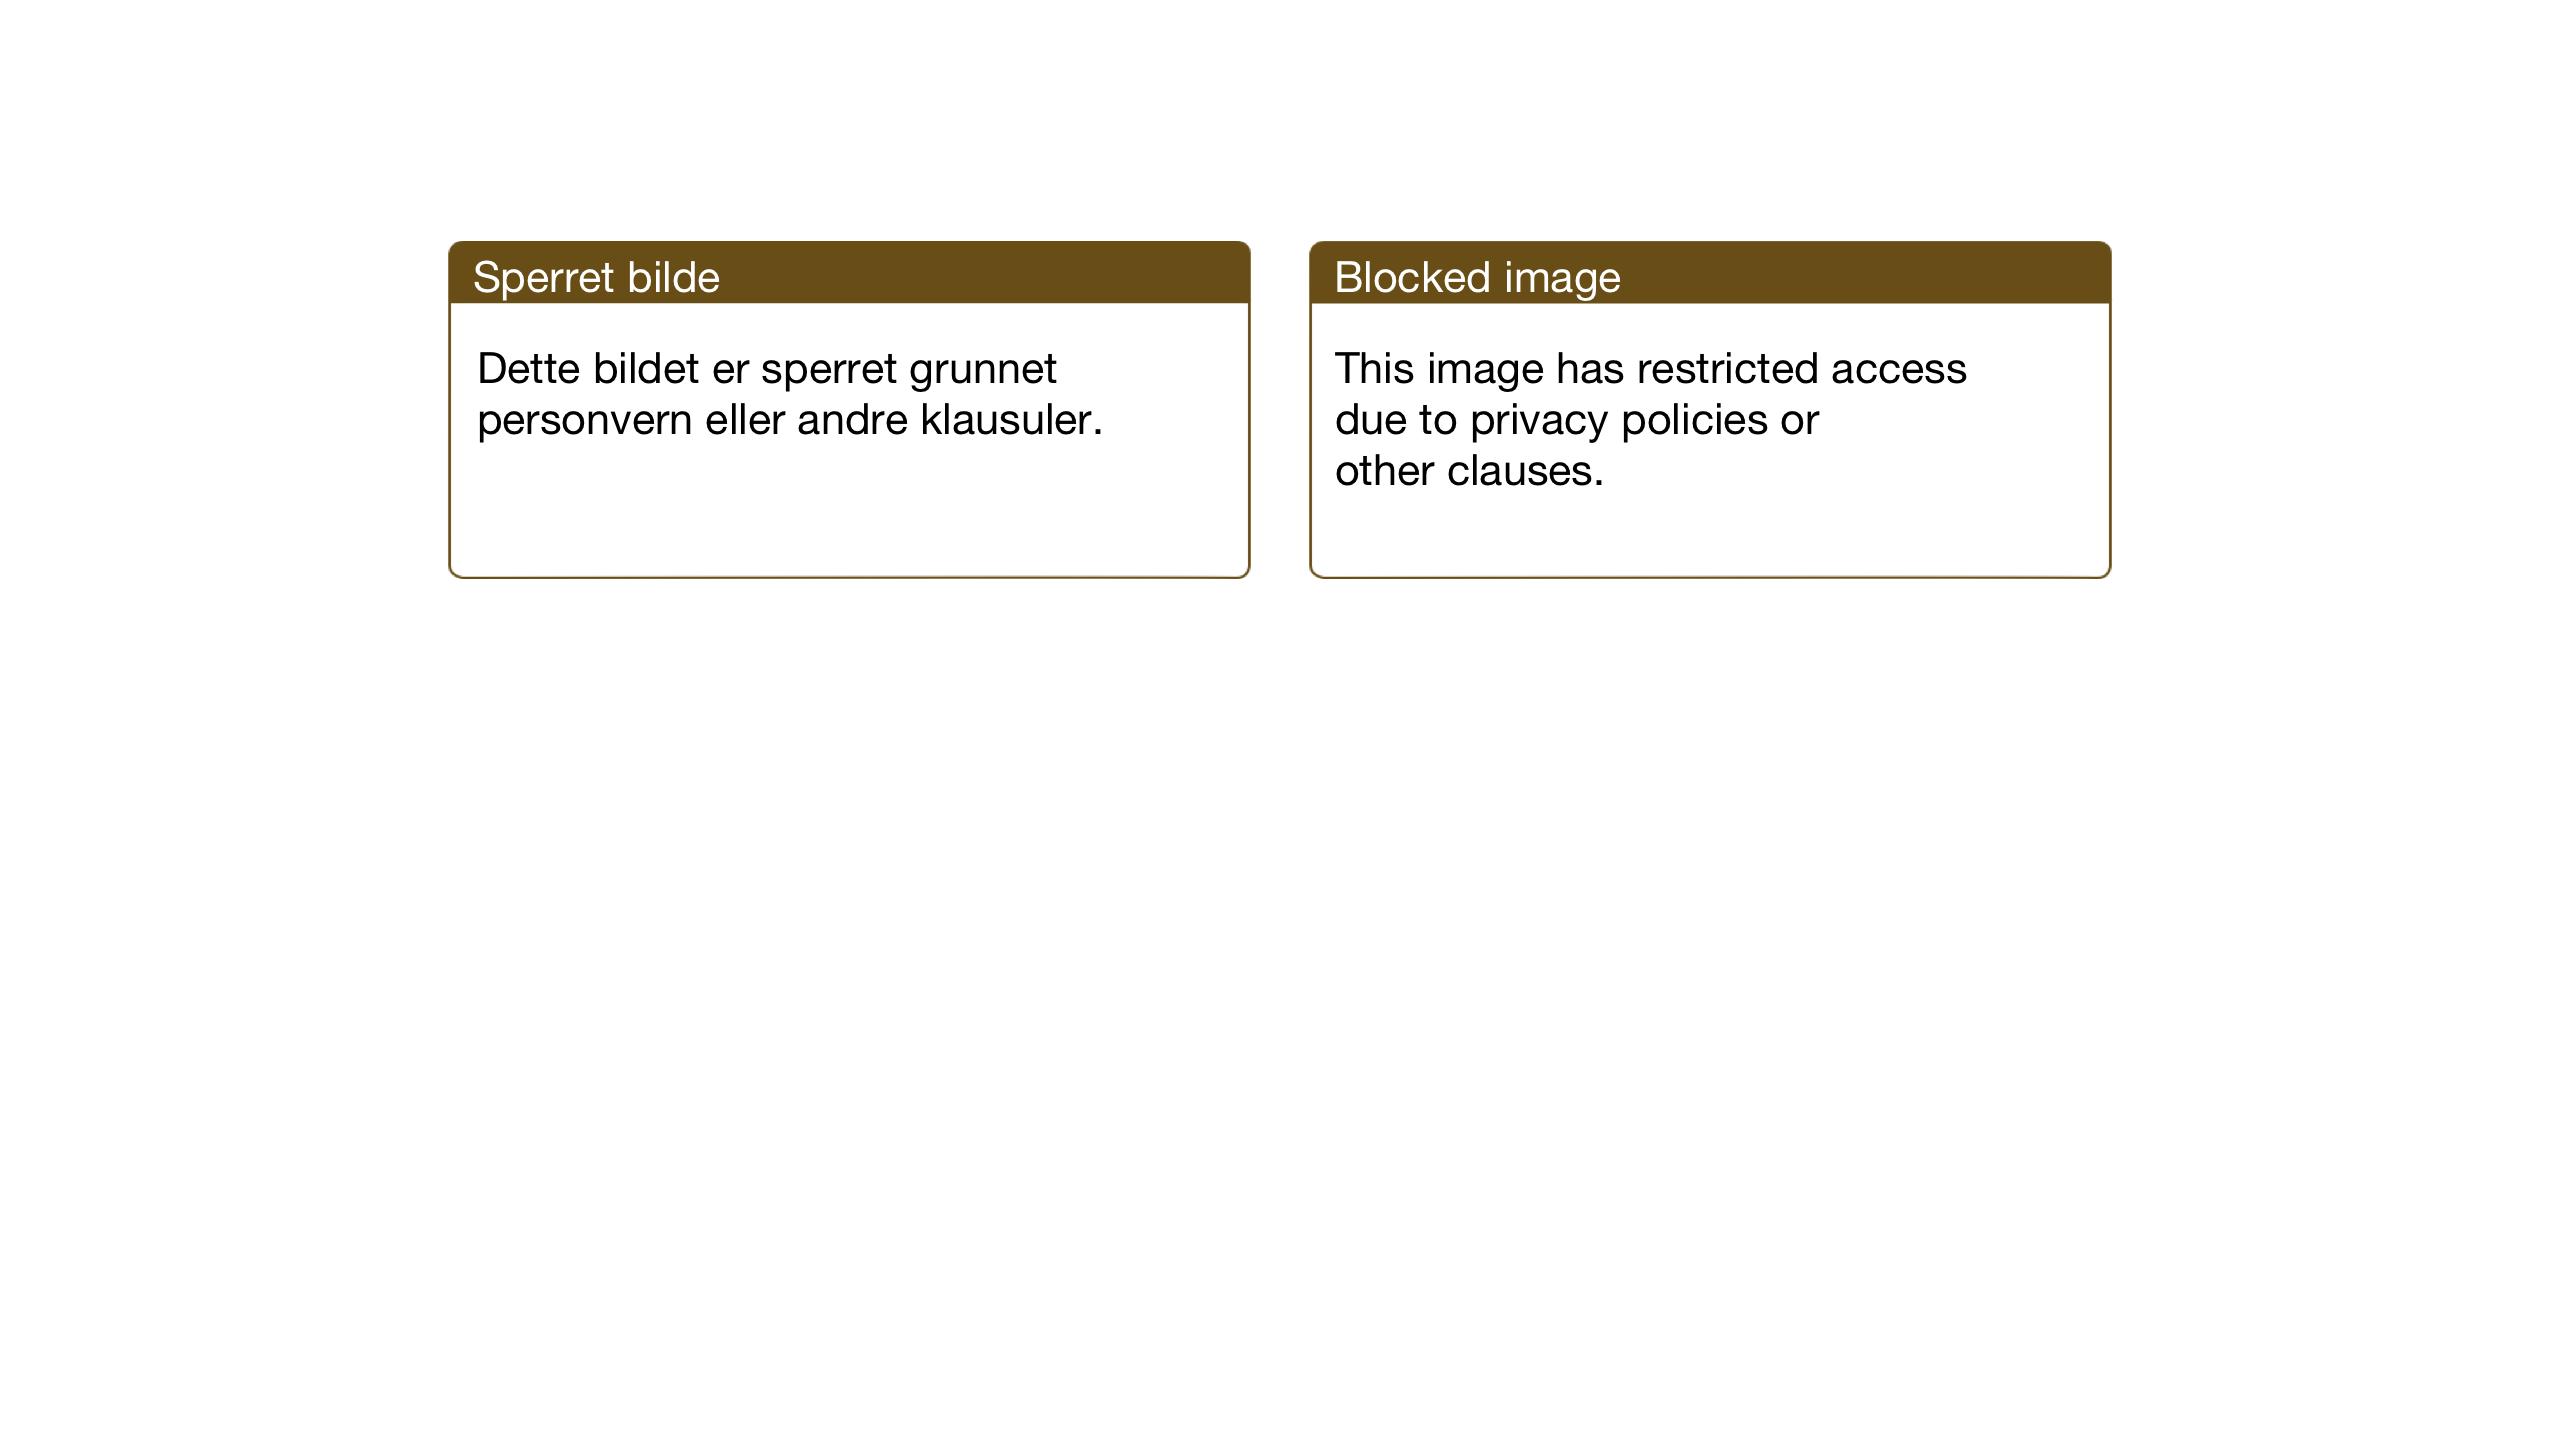 SAT, Ministerialprotokoller, klokkerbøker og fødselsregistre - Sør-Trøndelag, 602/L0151: Klokkerbok nr. 602C19, 1925-1951, s. 68